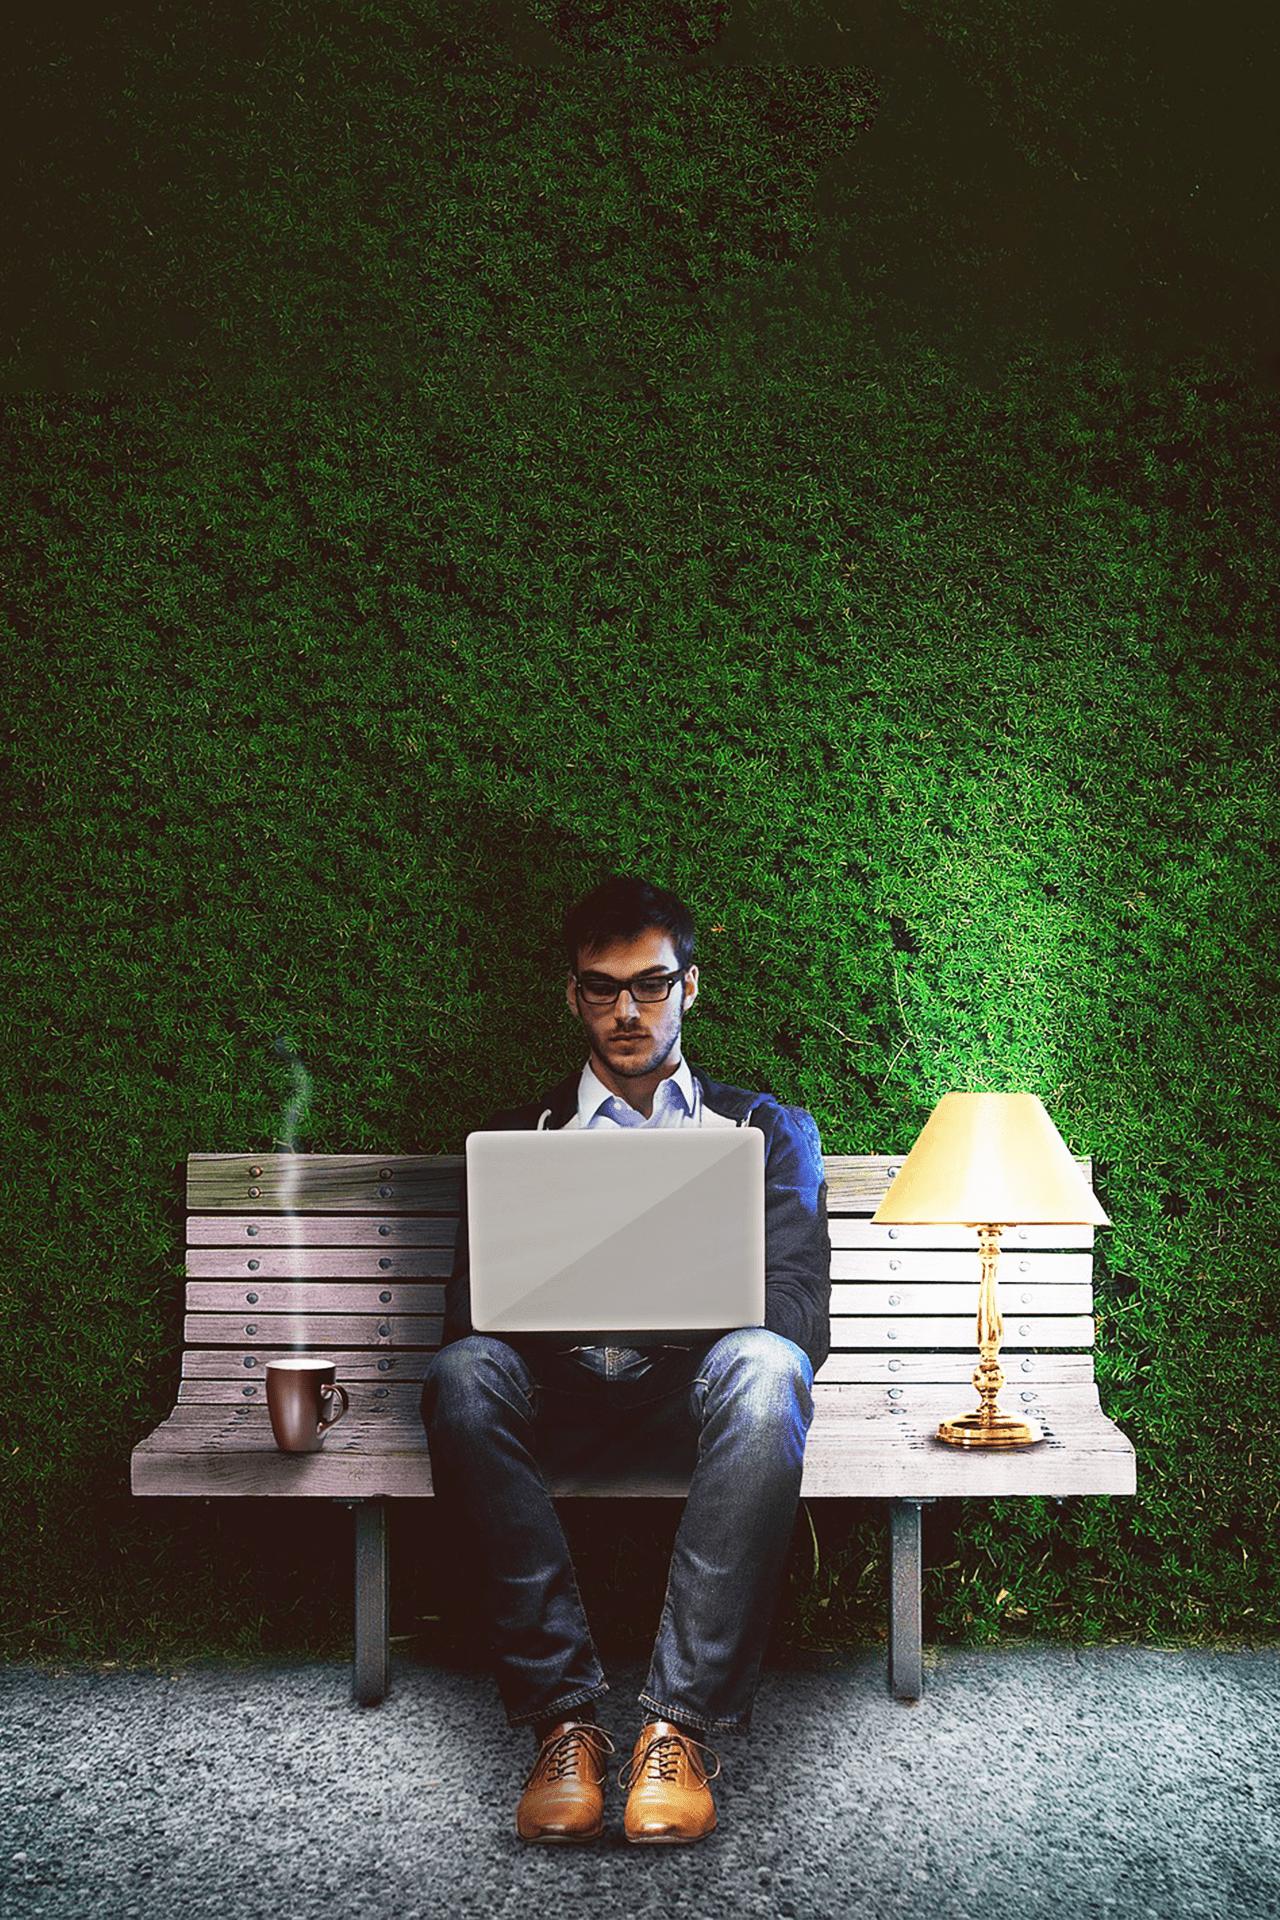 diventare uno scrittore più creativo e produttivo